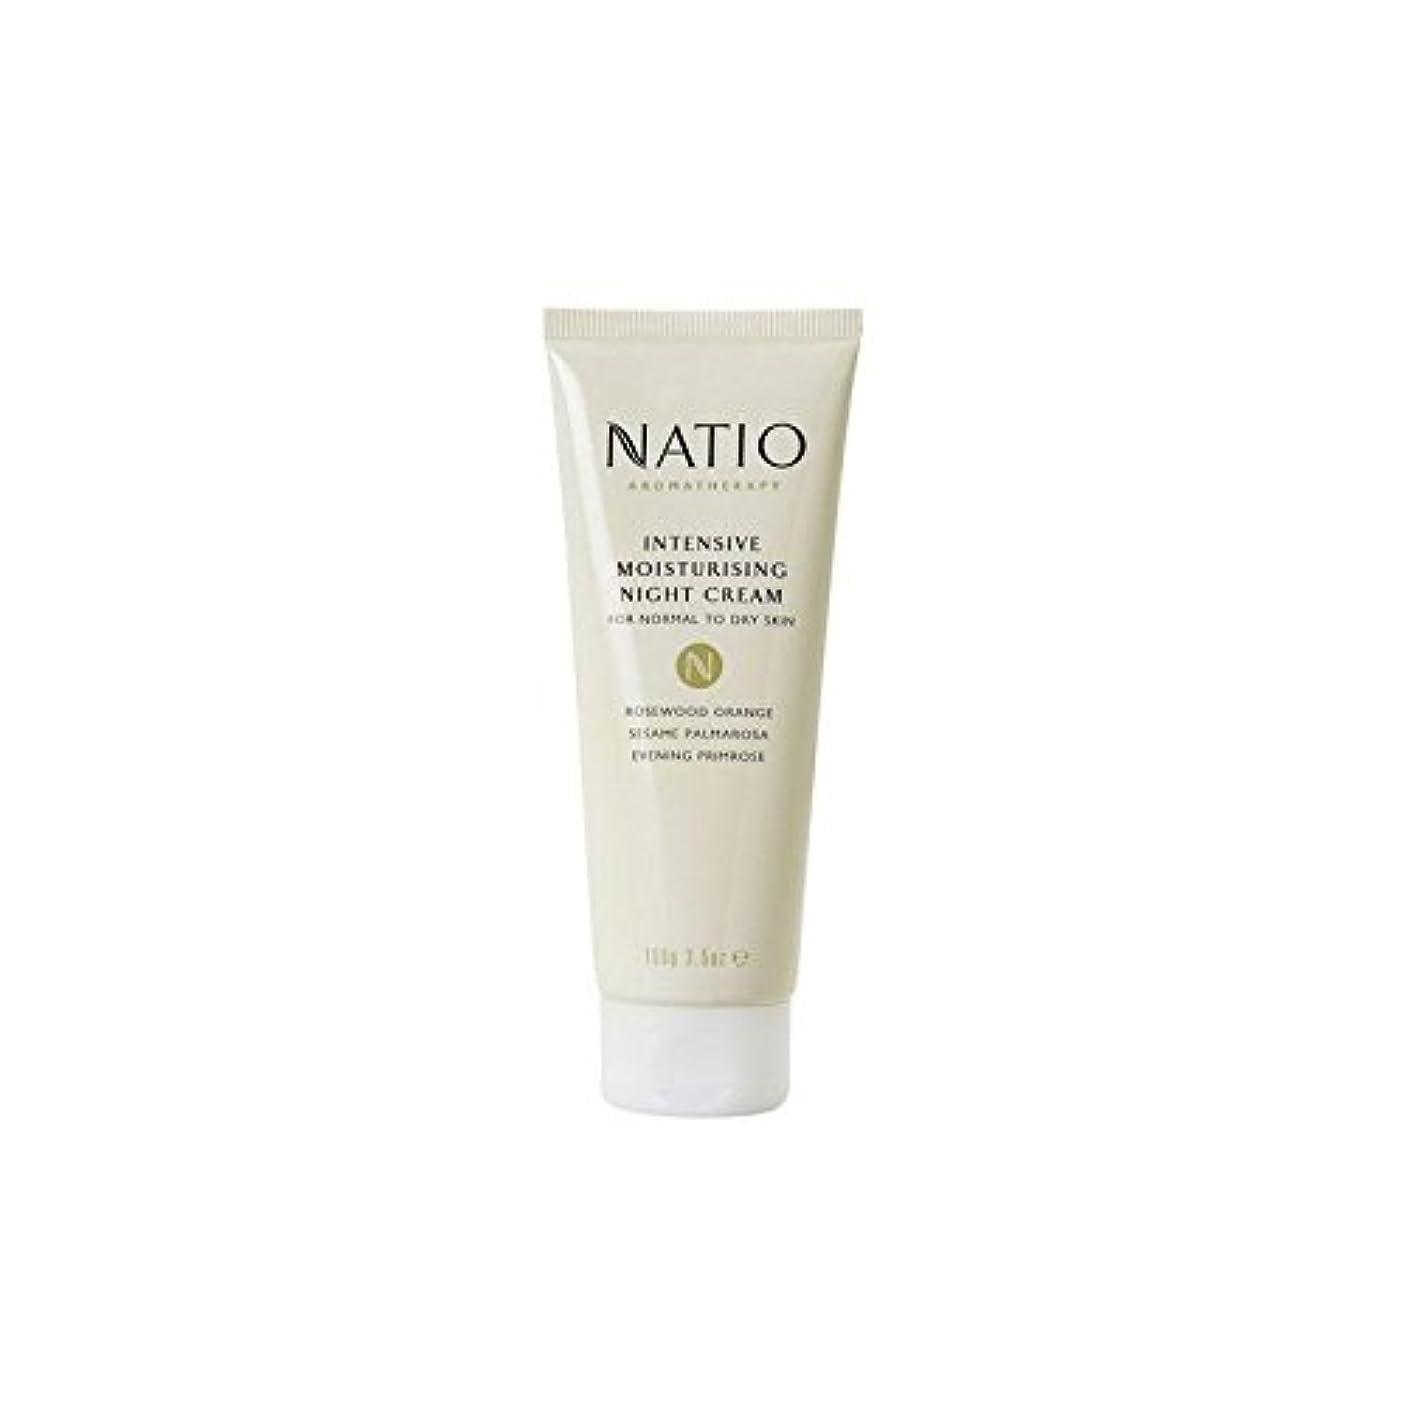 解き明かすアーネストシャクルトンピボットNatio Intensive Moisturising Night Cream (100G) - 集中的な保湿ナイトクリーム(100グラム) [並行輸入品]